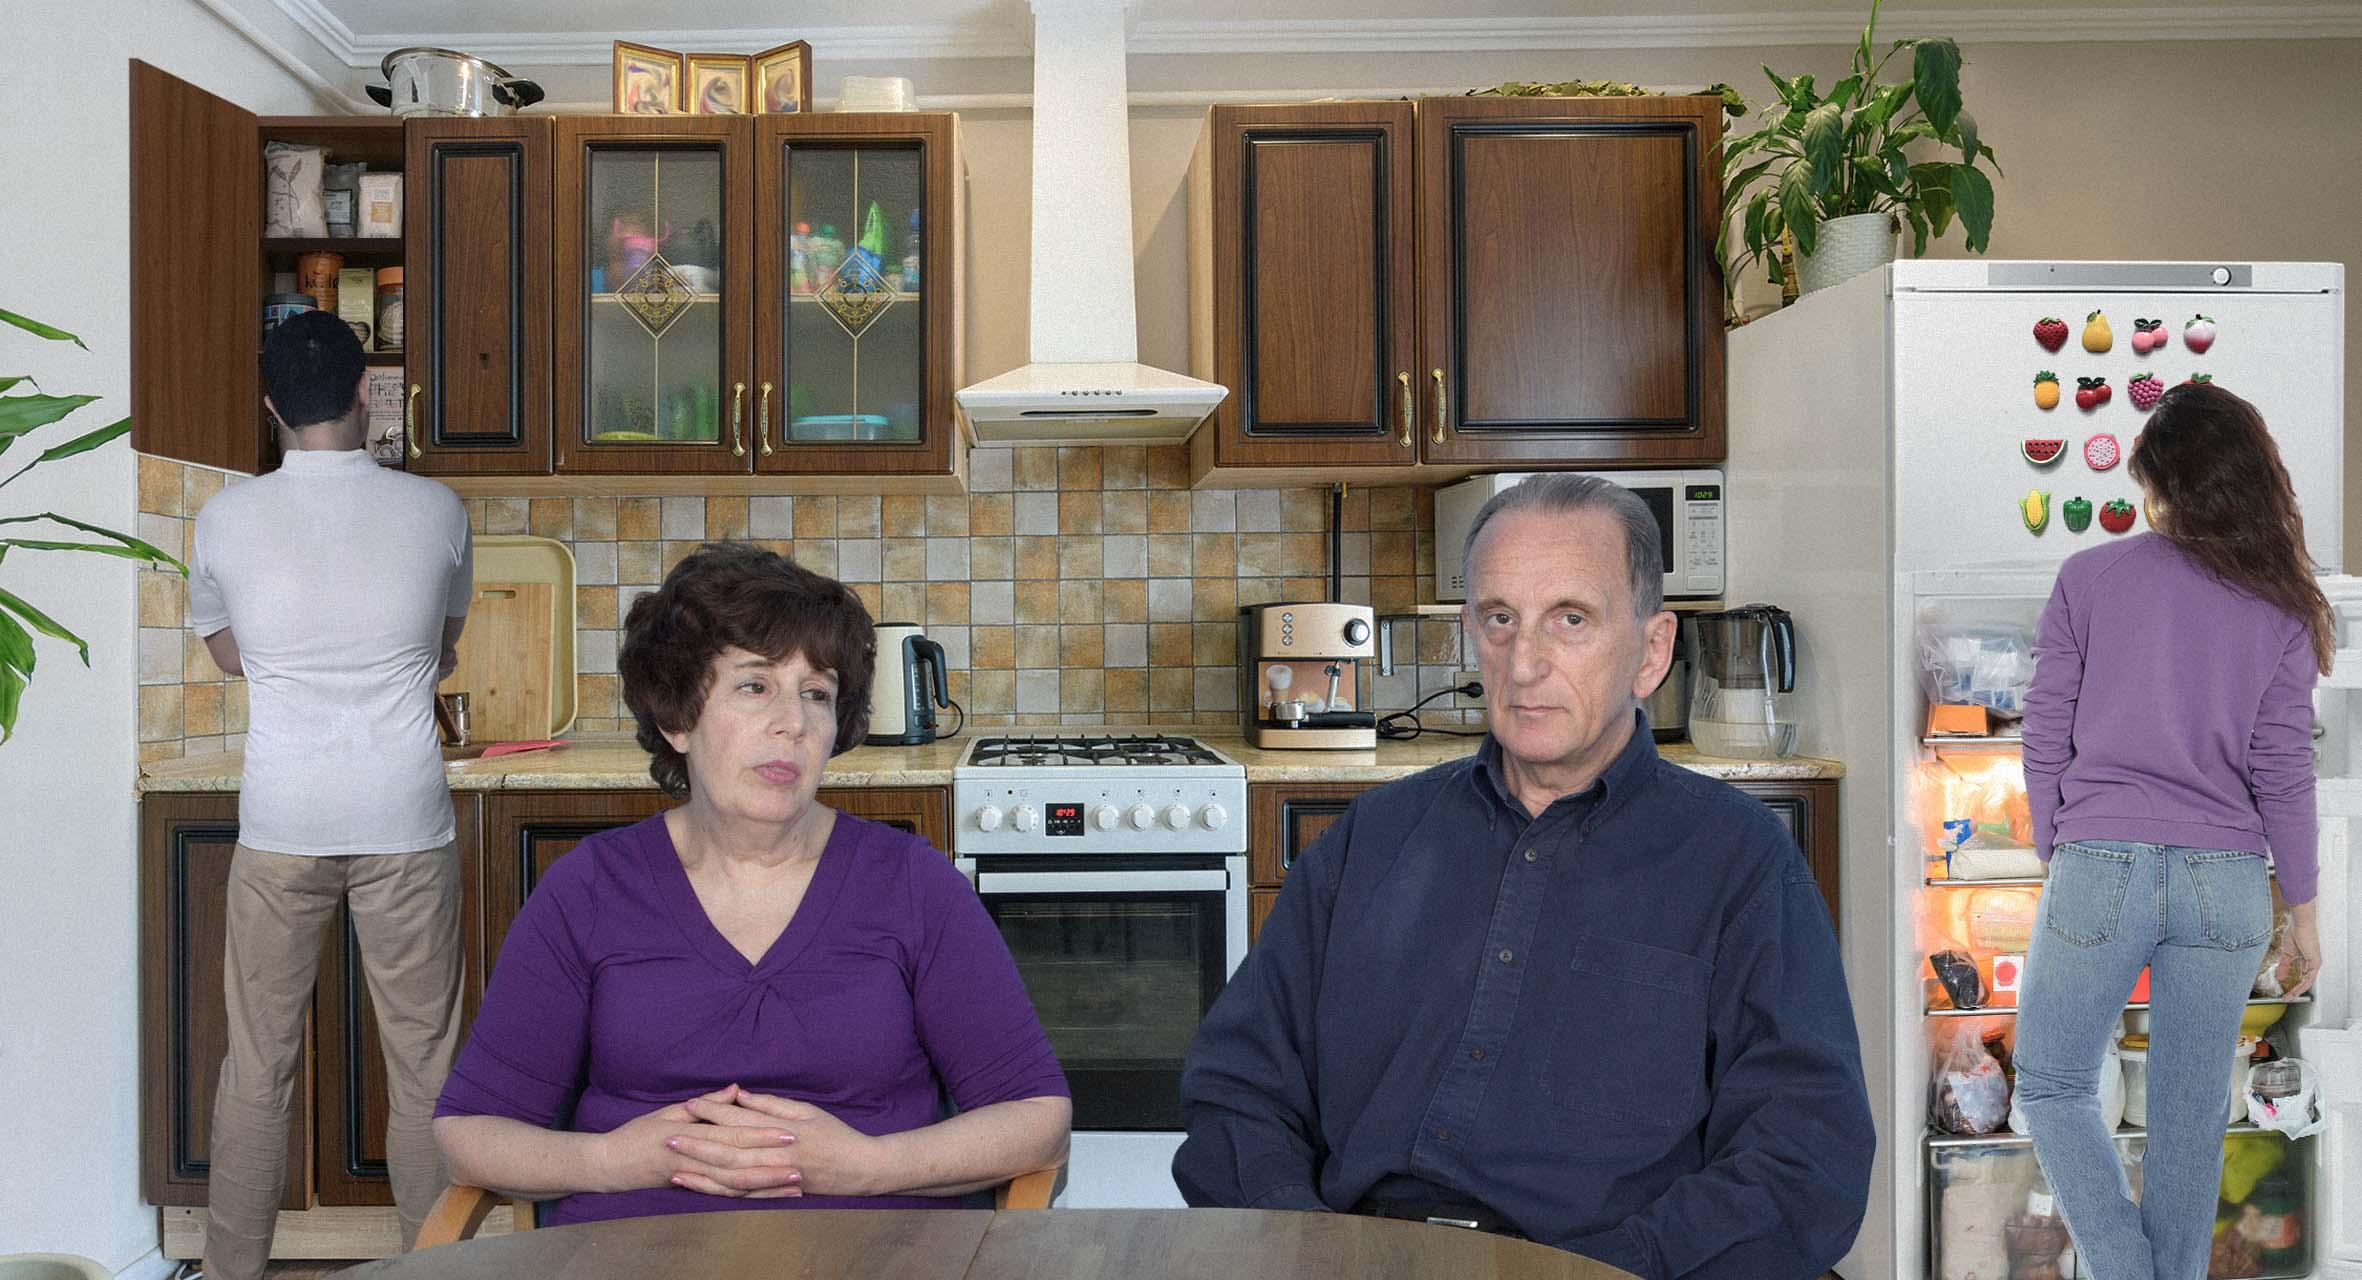 صورة عائلة تبقى على قيد الحياة رغم مرور ١٥ عاماً دون معرفة ماذا ستطبخ اليوم